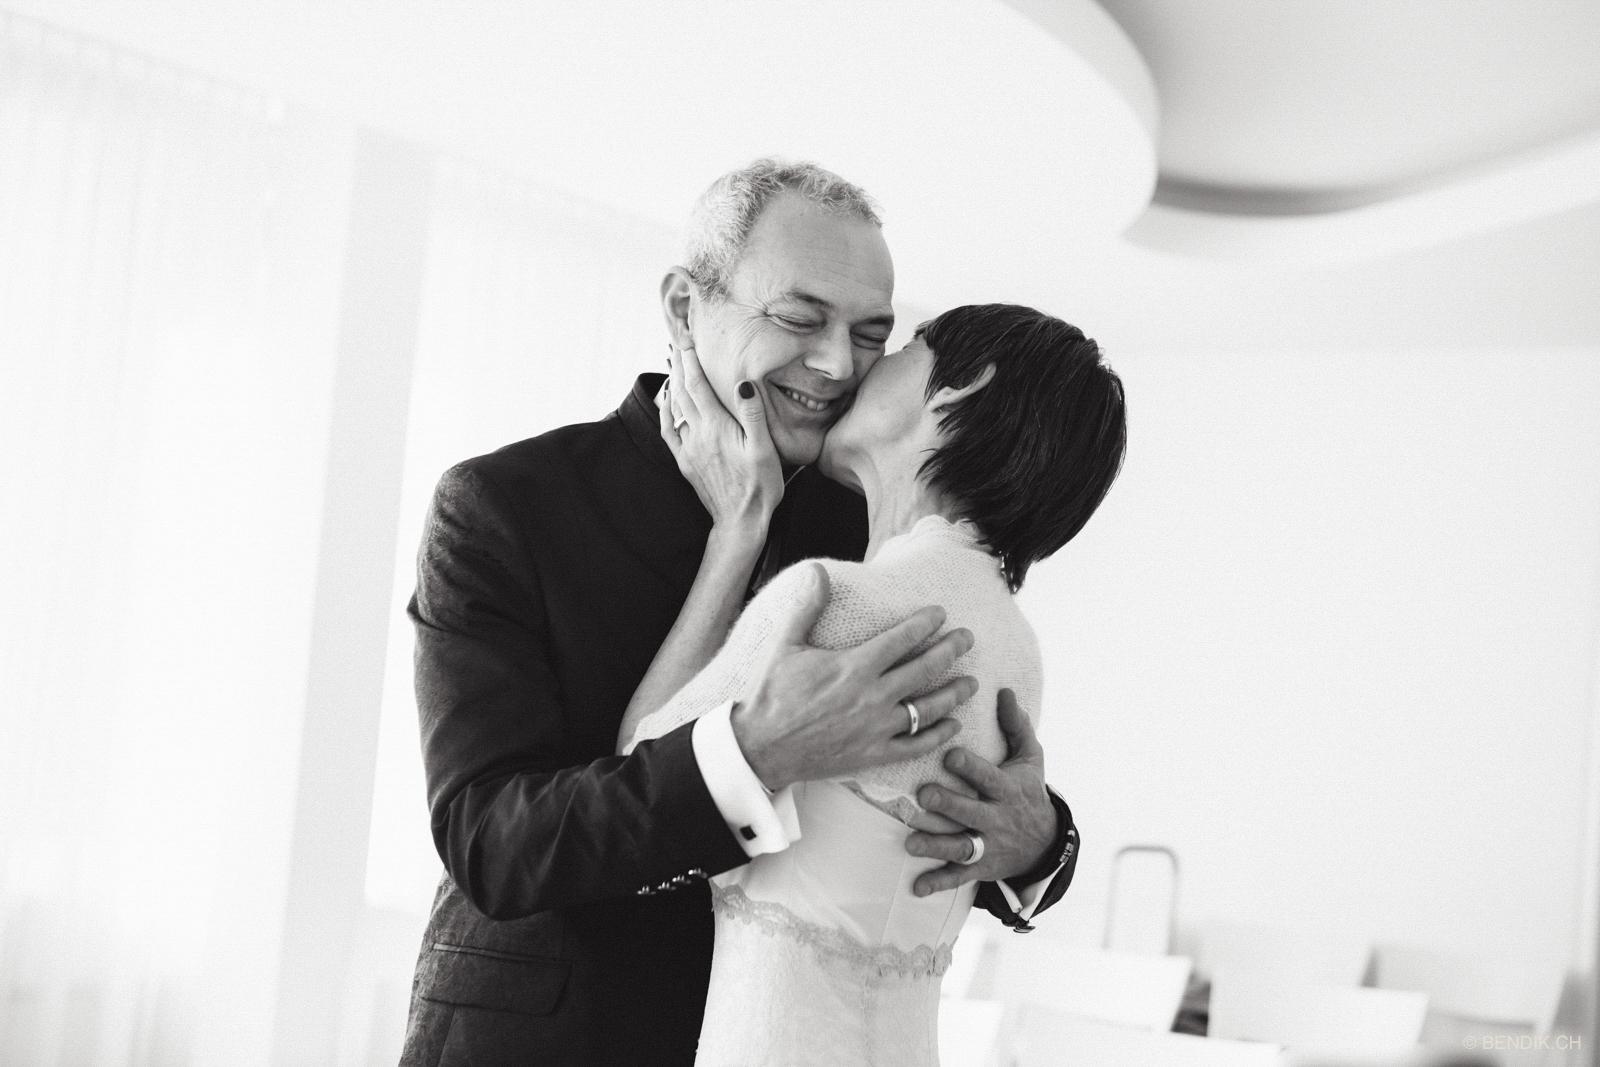 Schwarz-weiss Aufnahme der Braut, wie sie den Bräutigam auf die Wange küsst